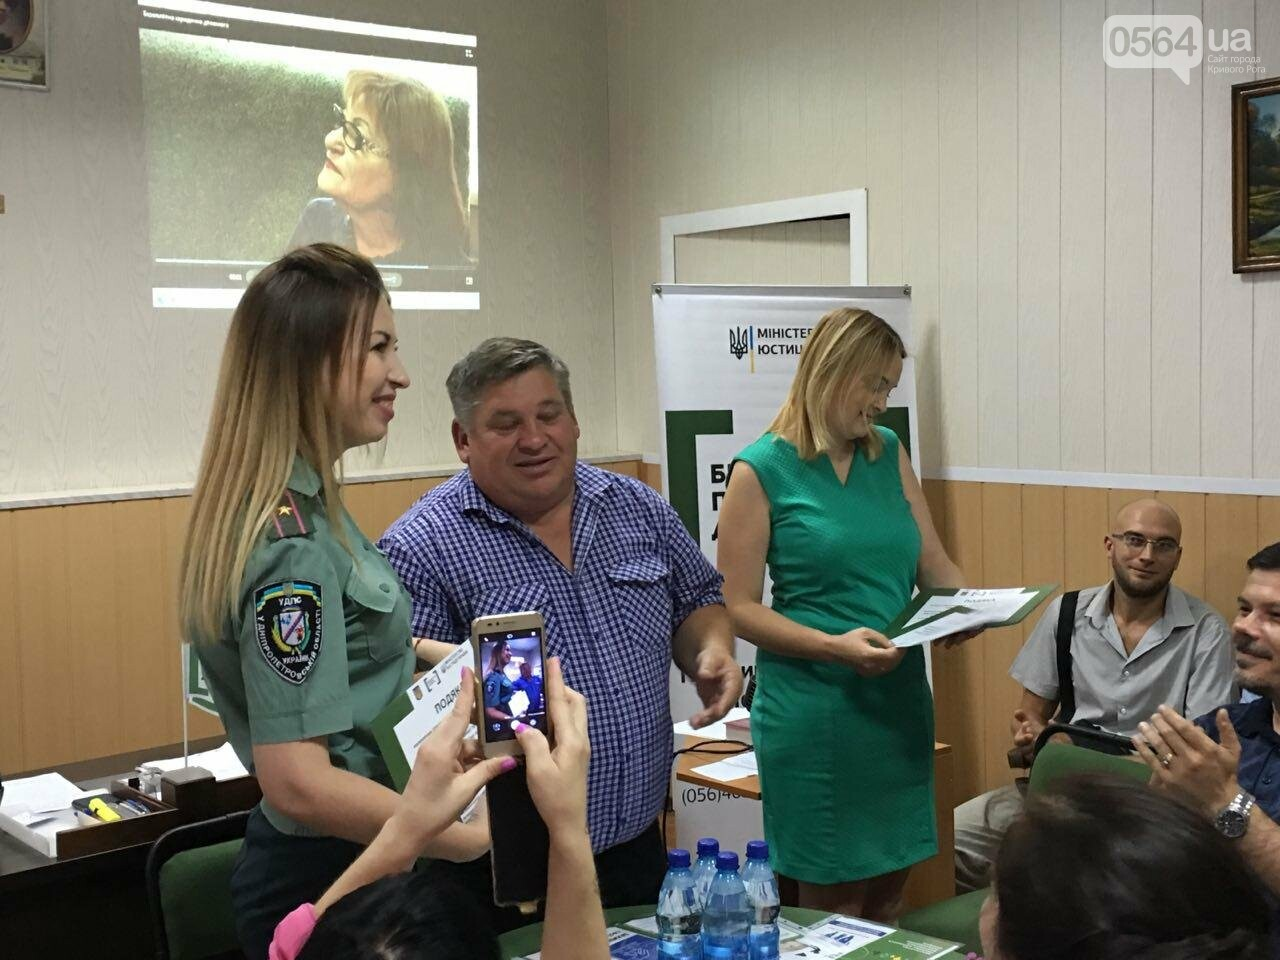 Криворожские центры по предоставлению бесплатной правовой помощи подвели итоги работы за 3 года, - ФОТО, фото-17